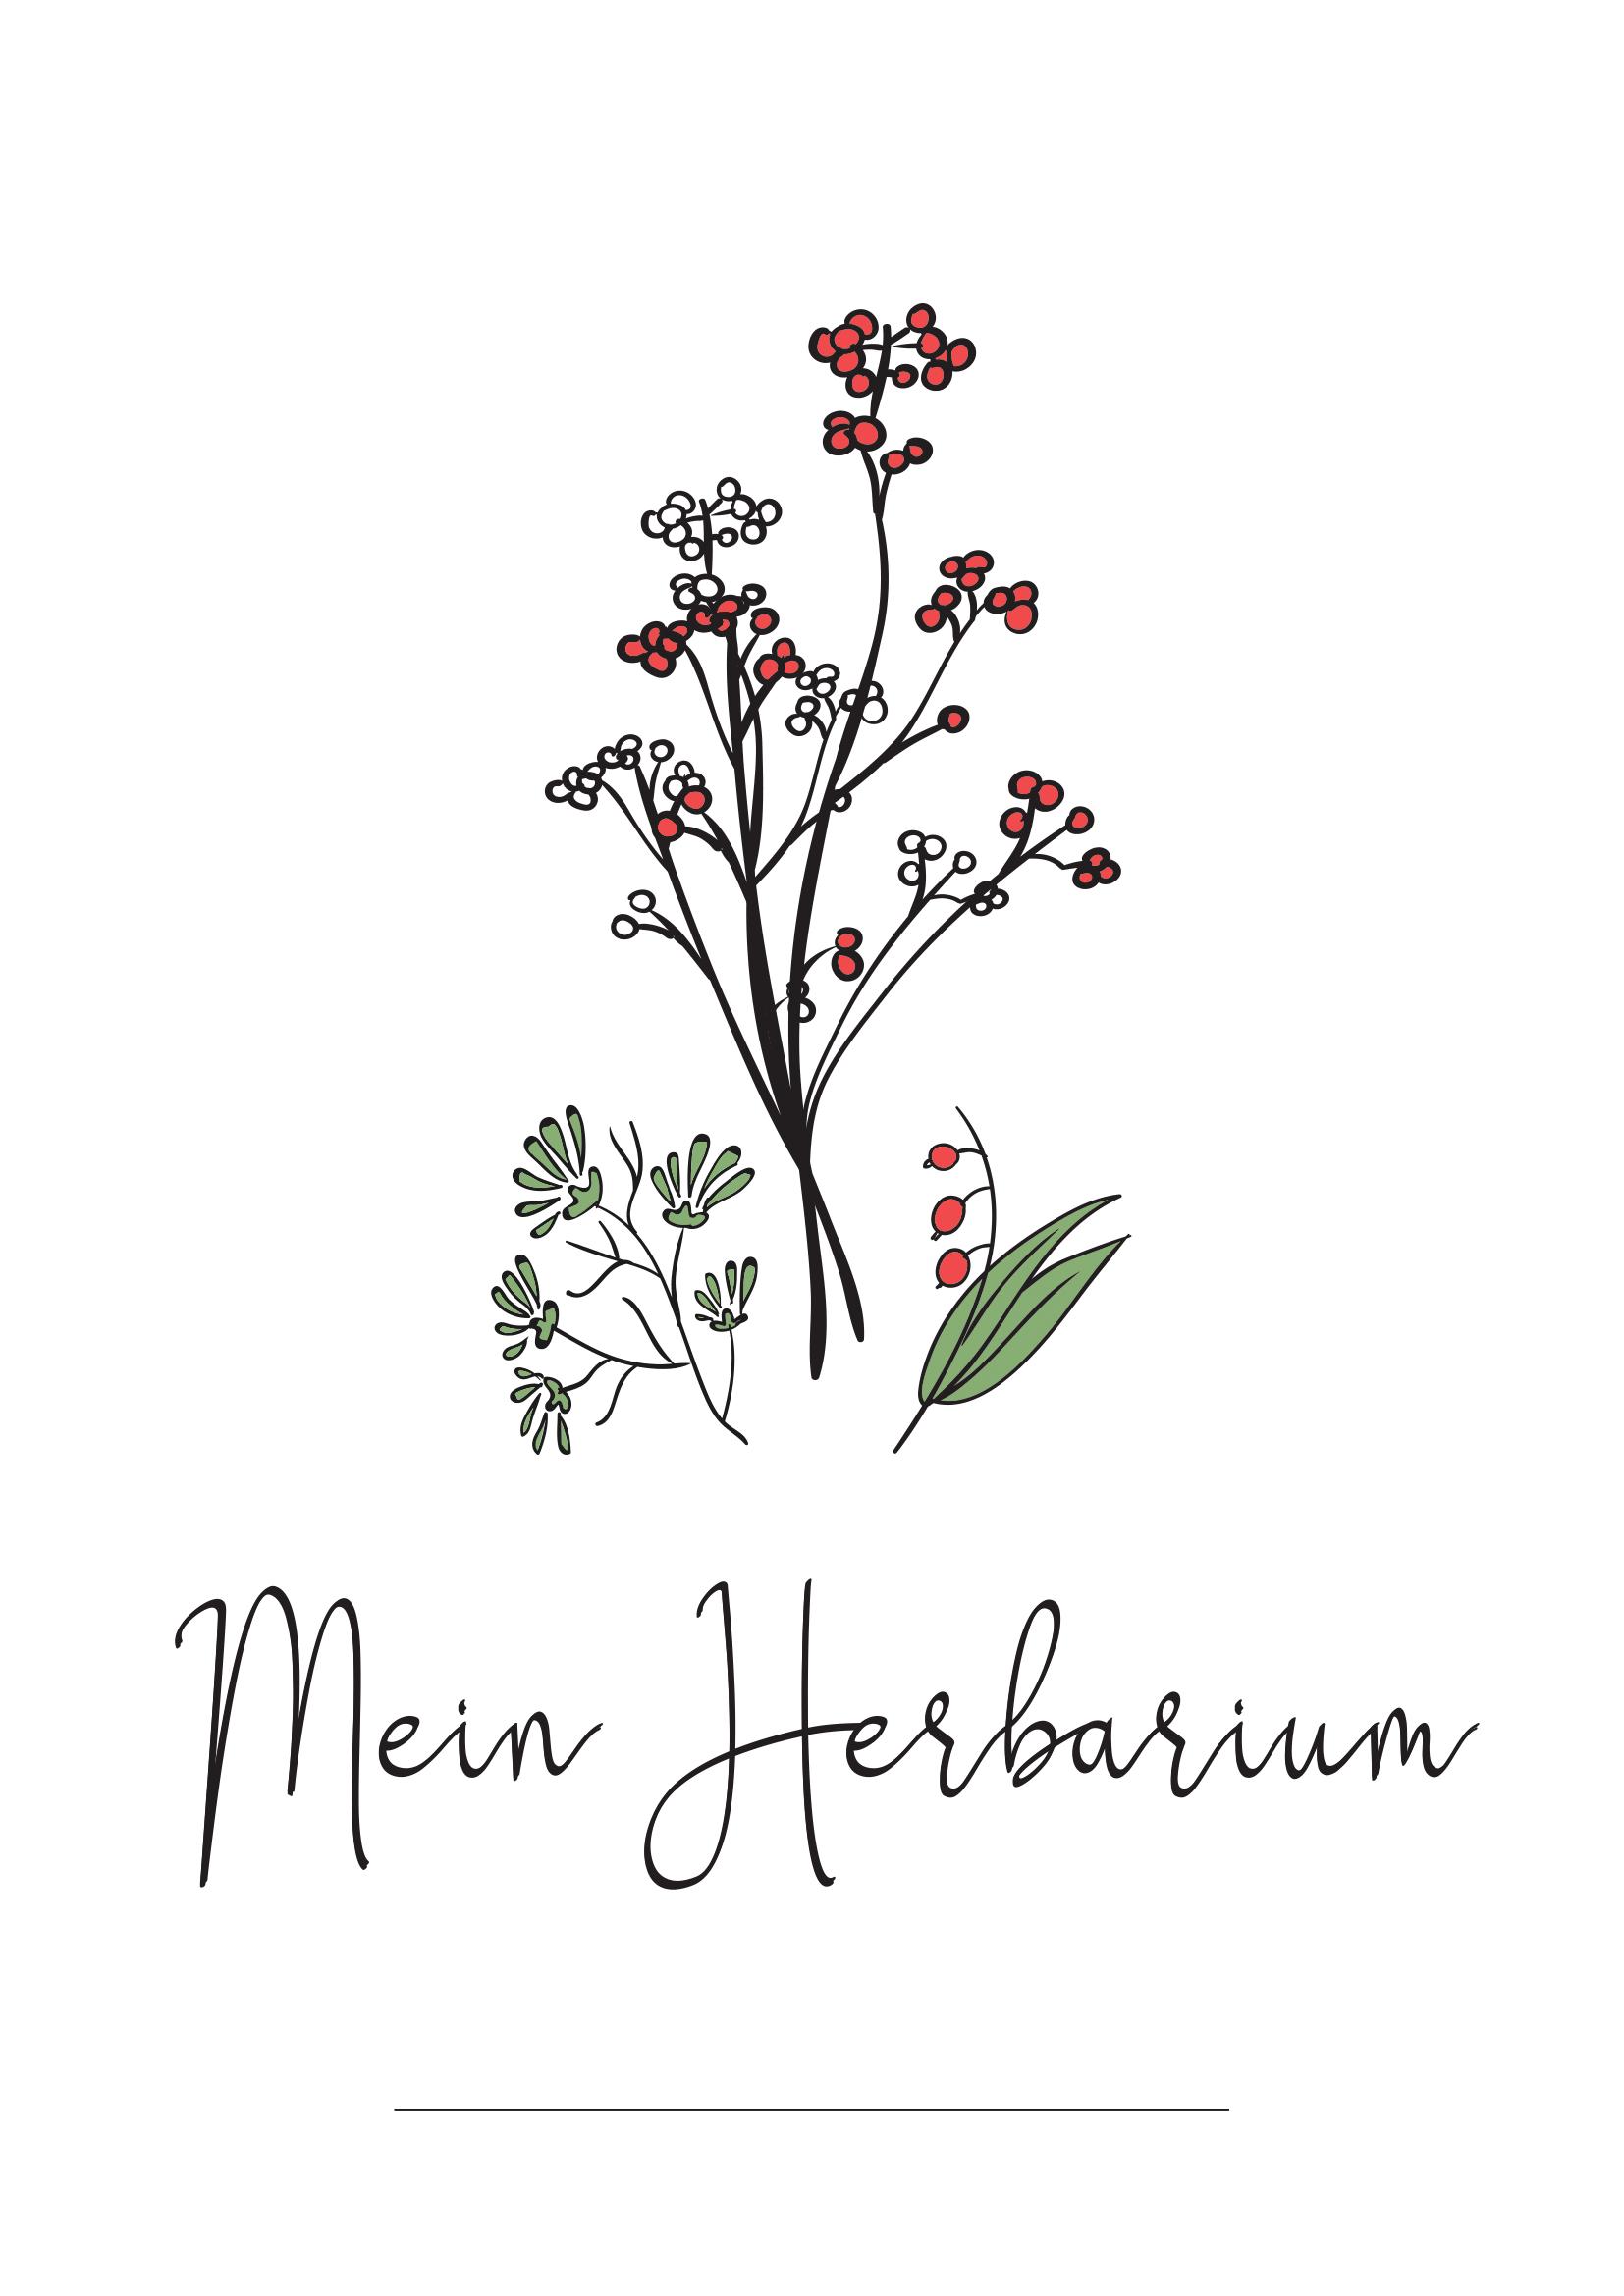 Deckblatt Herbarium 2 Deckblatt Gestalten Herbarium Vorlage Deckblatt